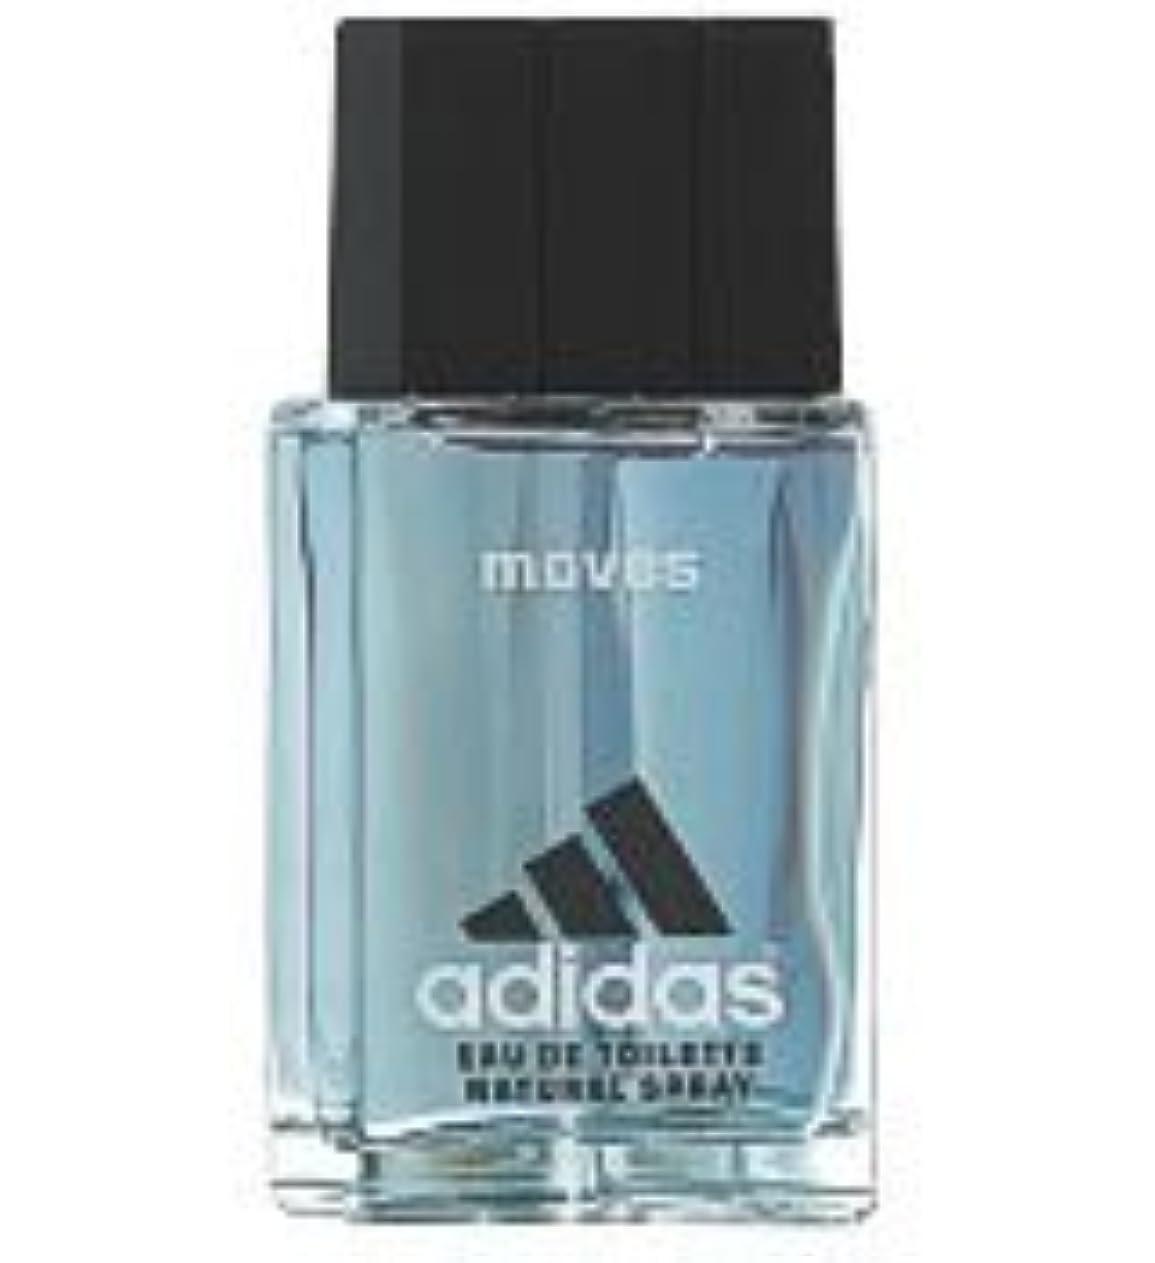 電圧寝てる航海のAdidas Moves (アディダスムーブス) 1.0 oz (30ml) EDT Spray by Adidas for Men